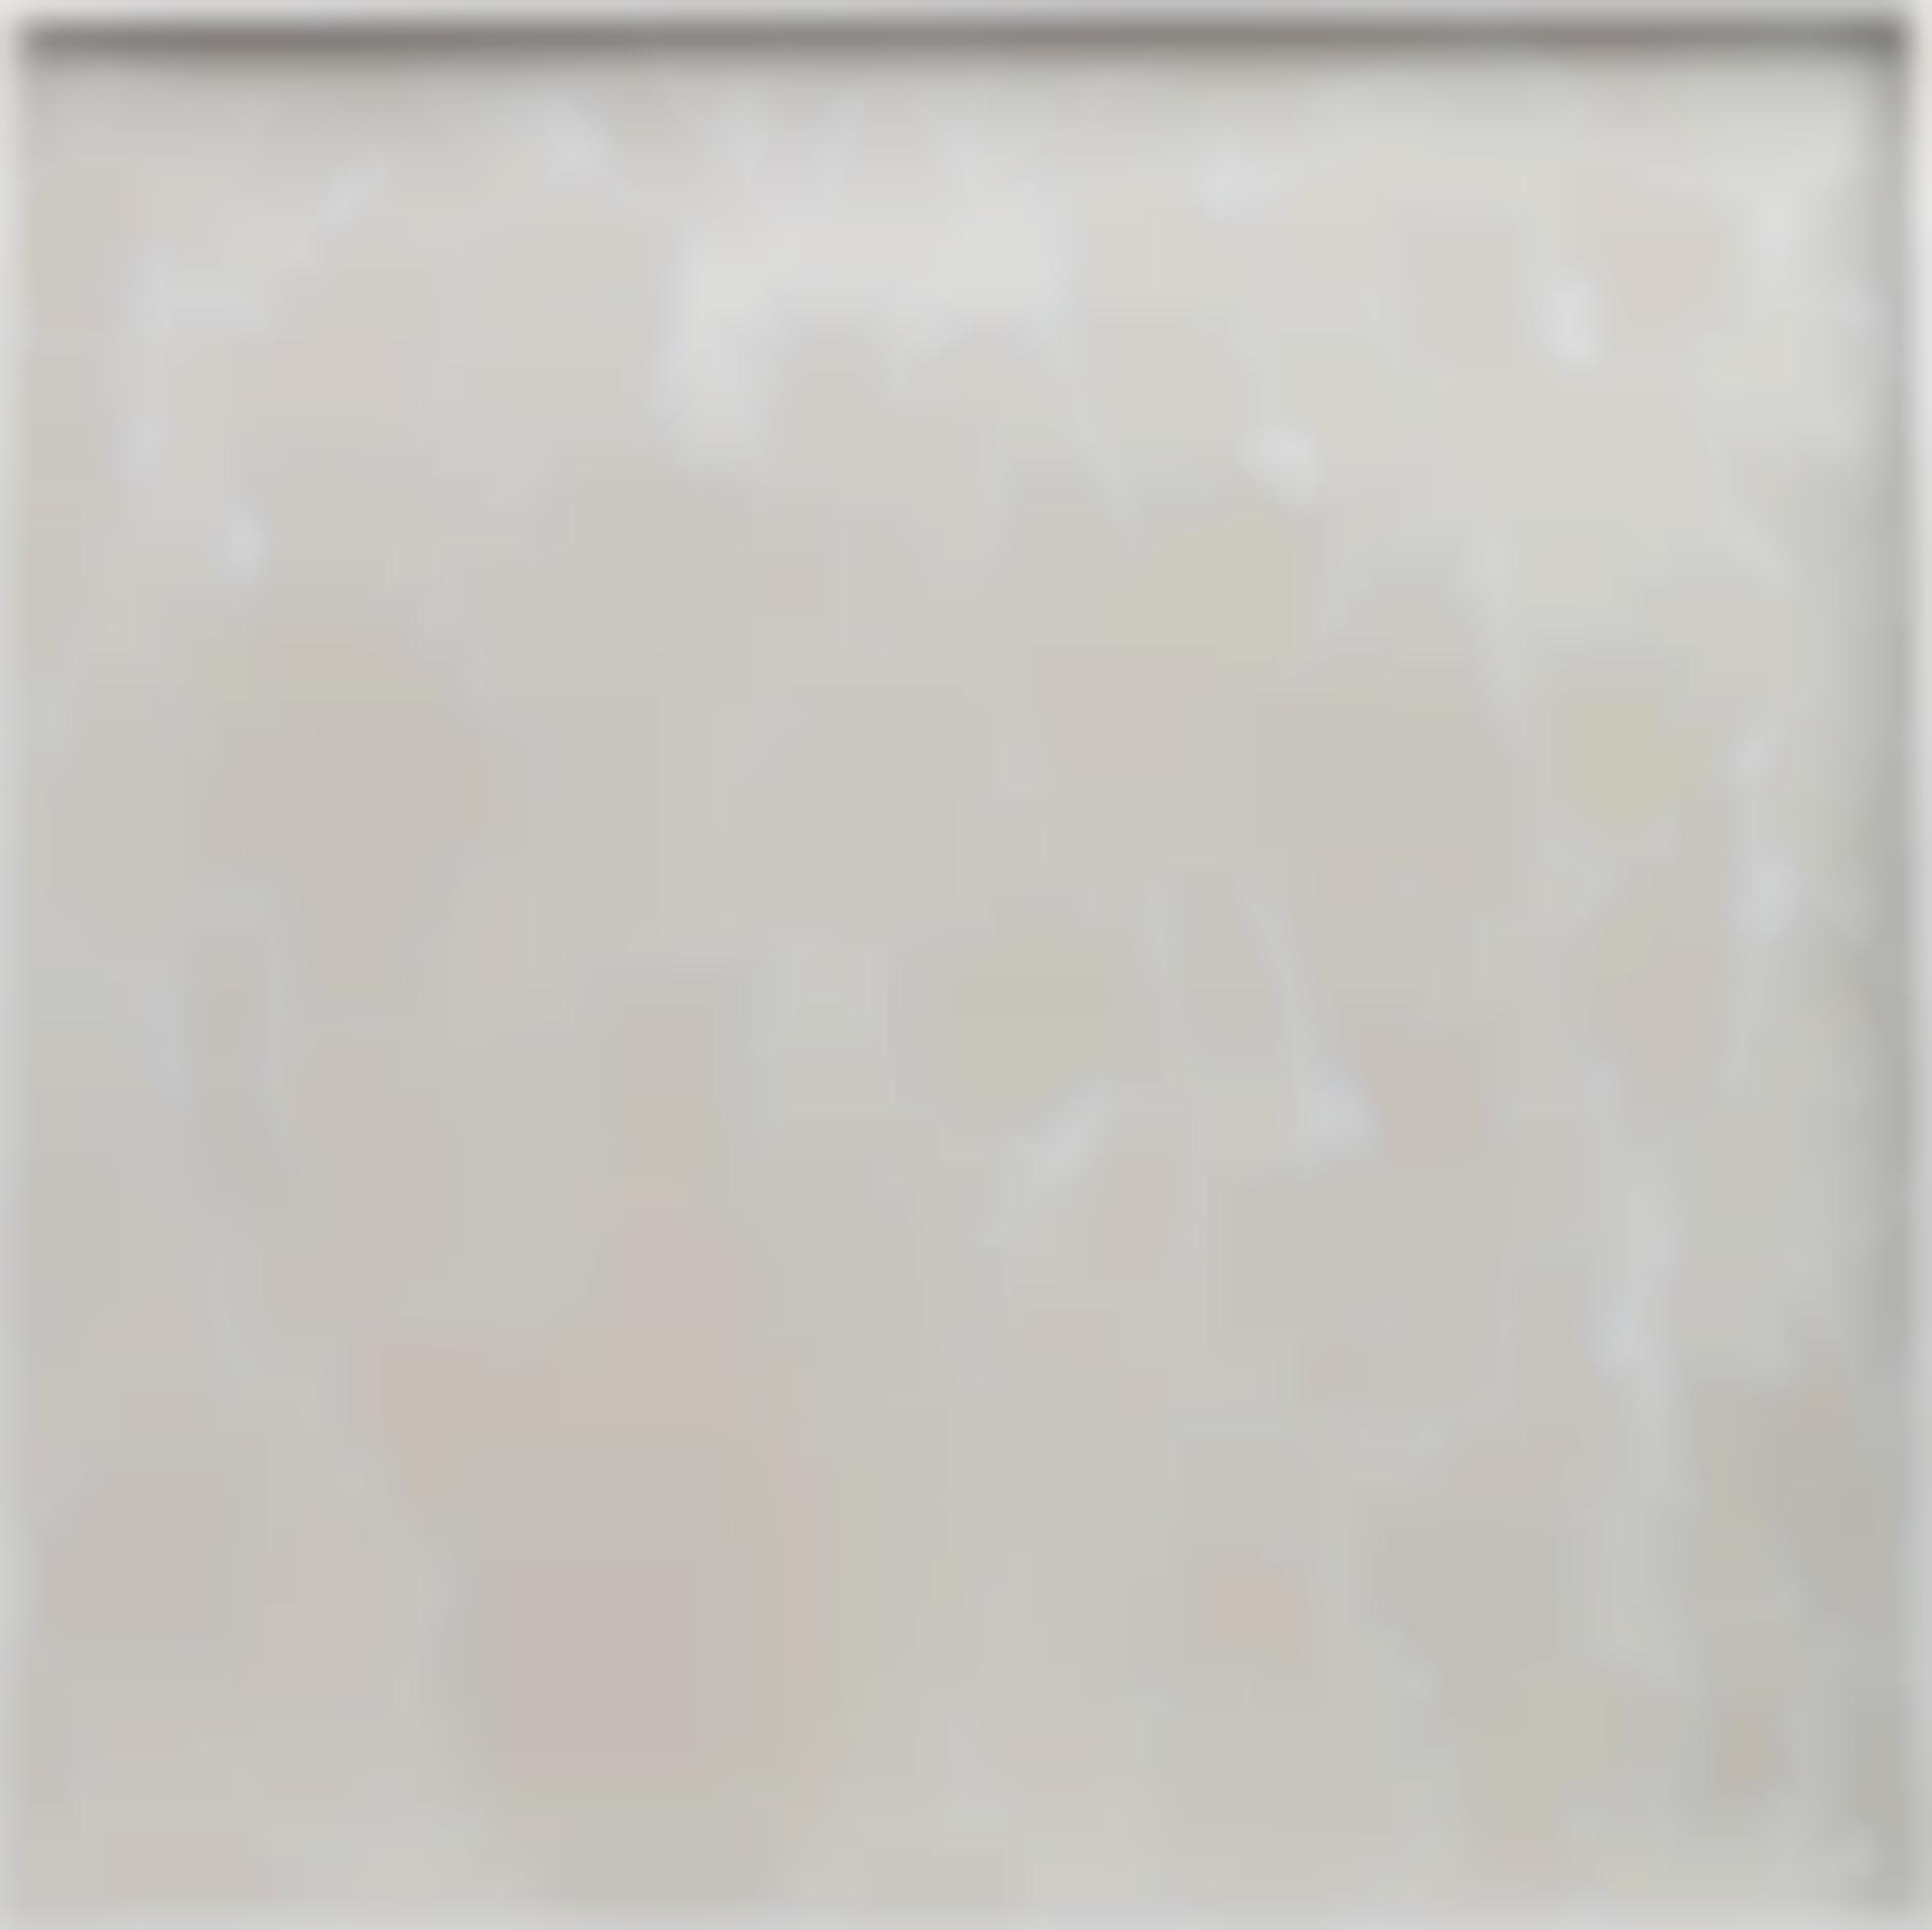 Sterling Ruby-Alabaster Sr11-37-2011